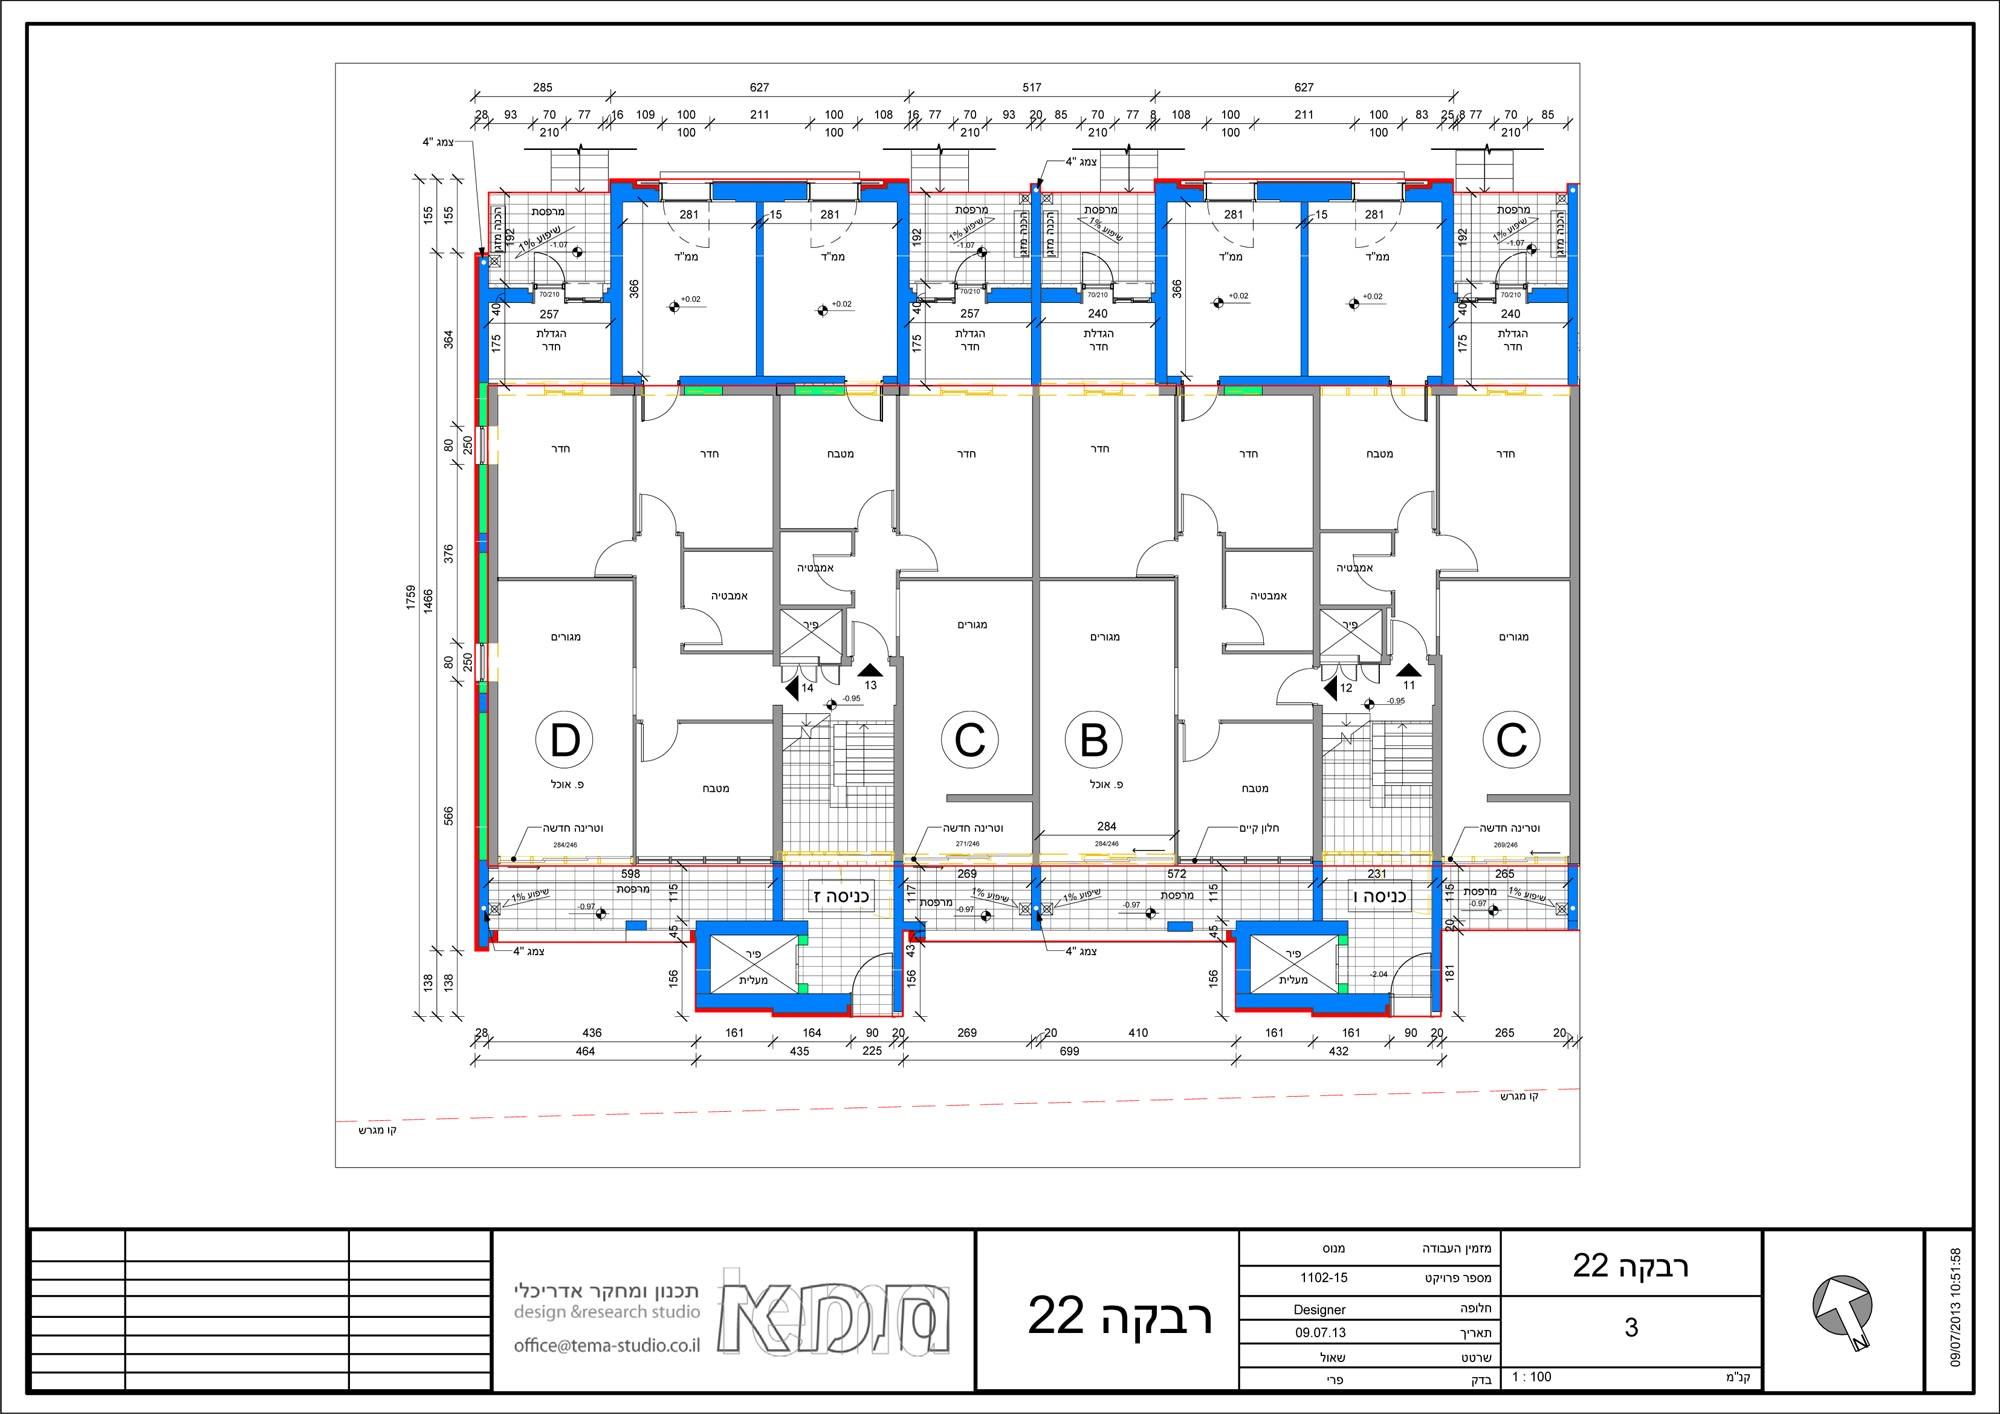 Rivka 22, Jerusalem – Typical floor plan, entrances F-G